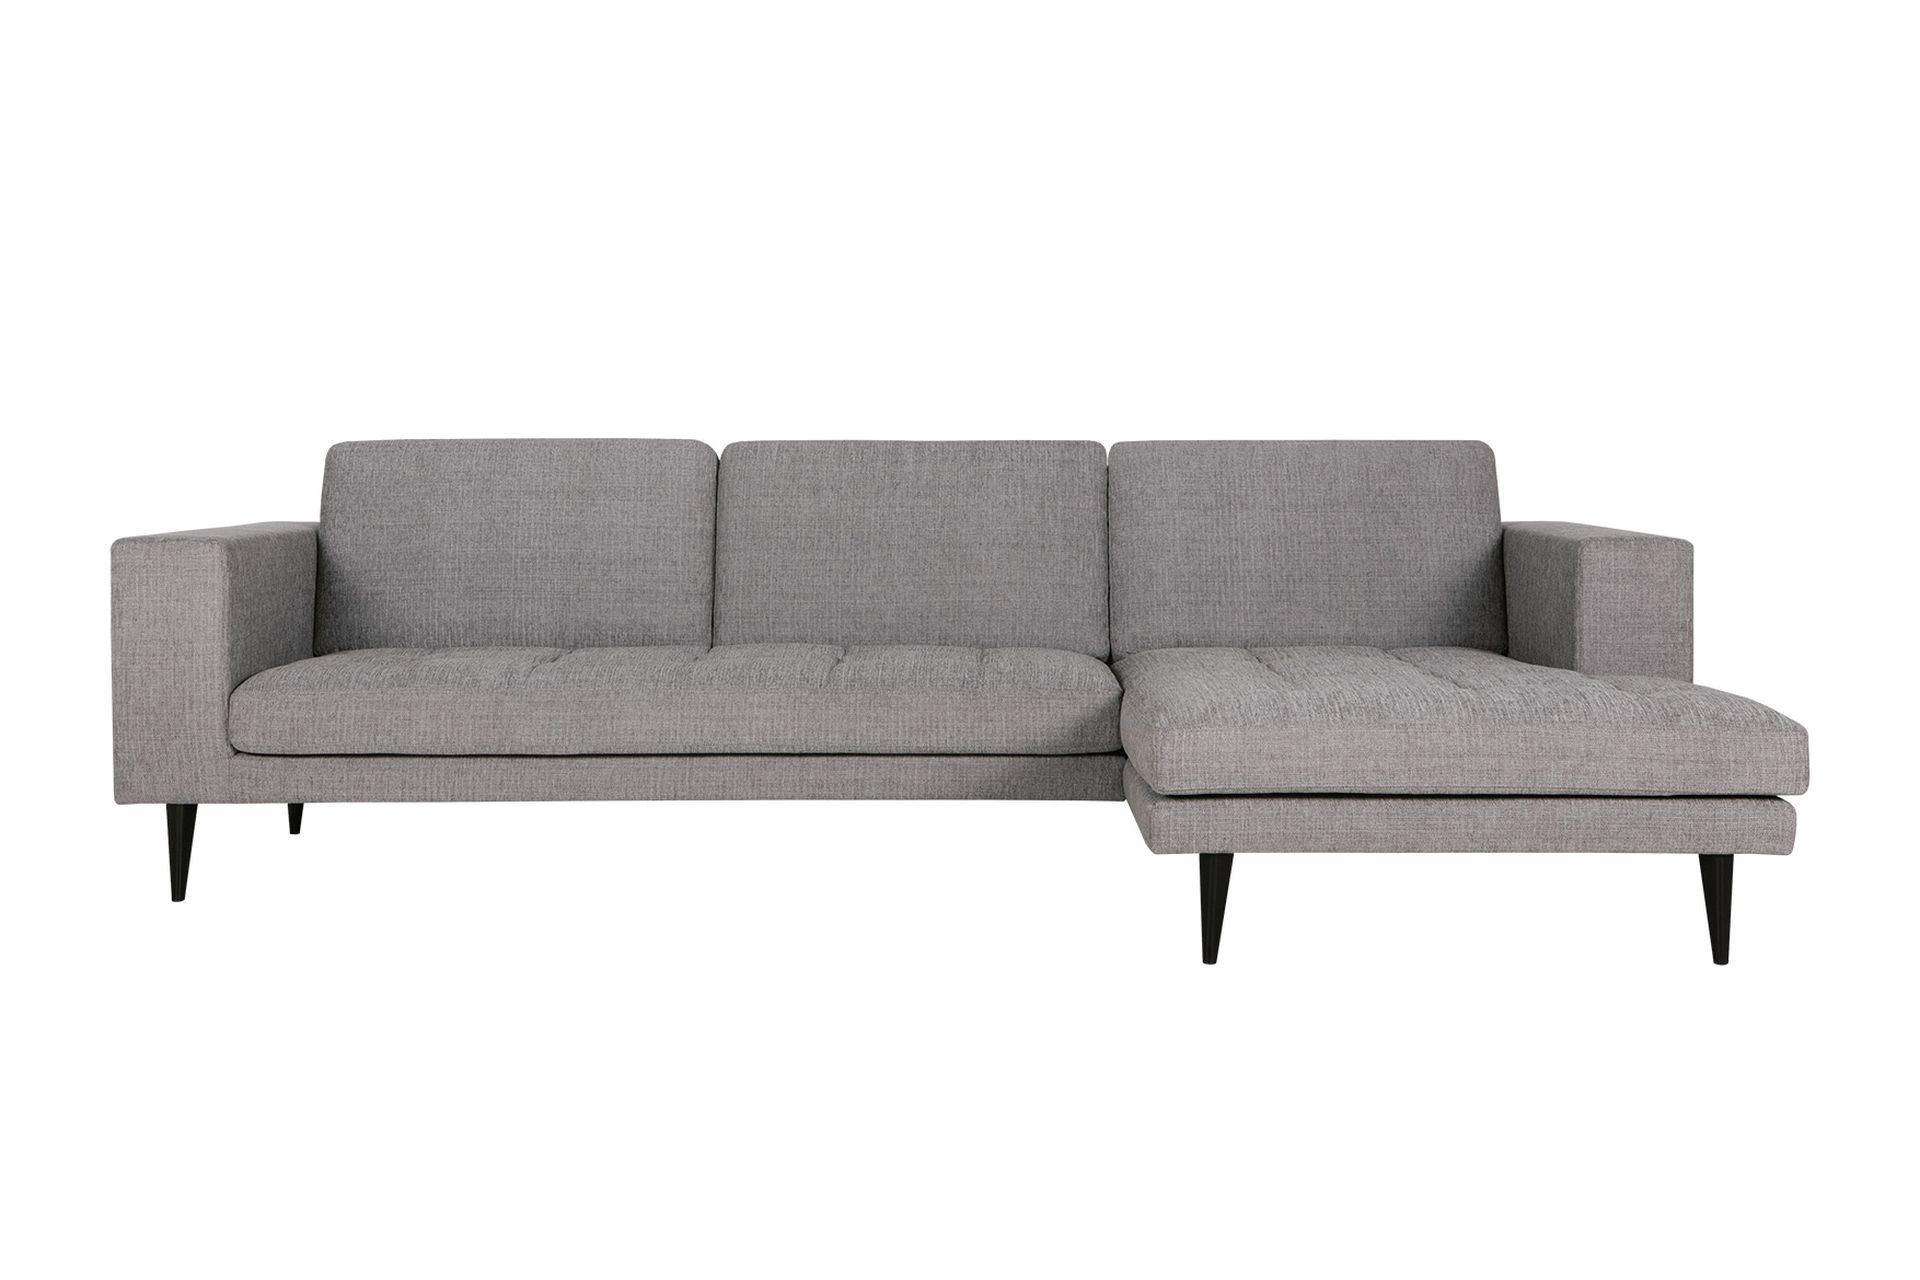 """Купить Диван """"markus"""" (Sits) серый текстиль 279x83x160 см. 85912 в интернет магазине. Цены, фото, описания, характеристики, отзывы, обзоры"""